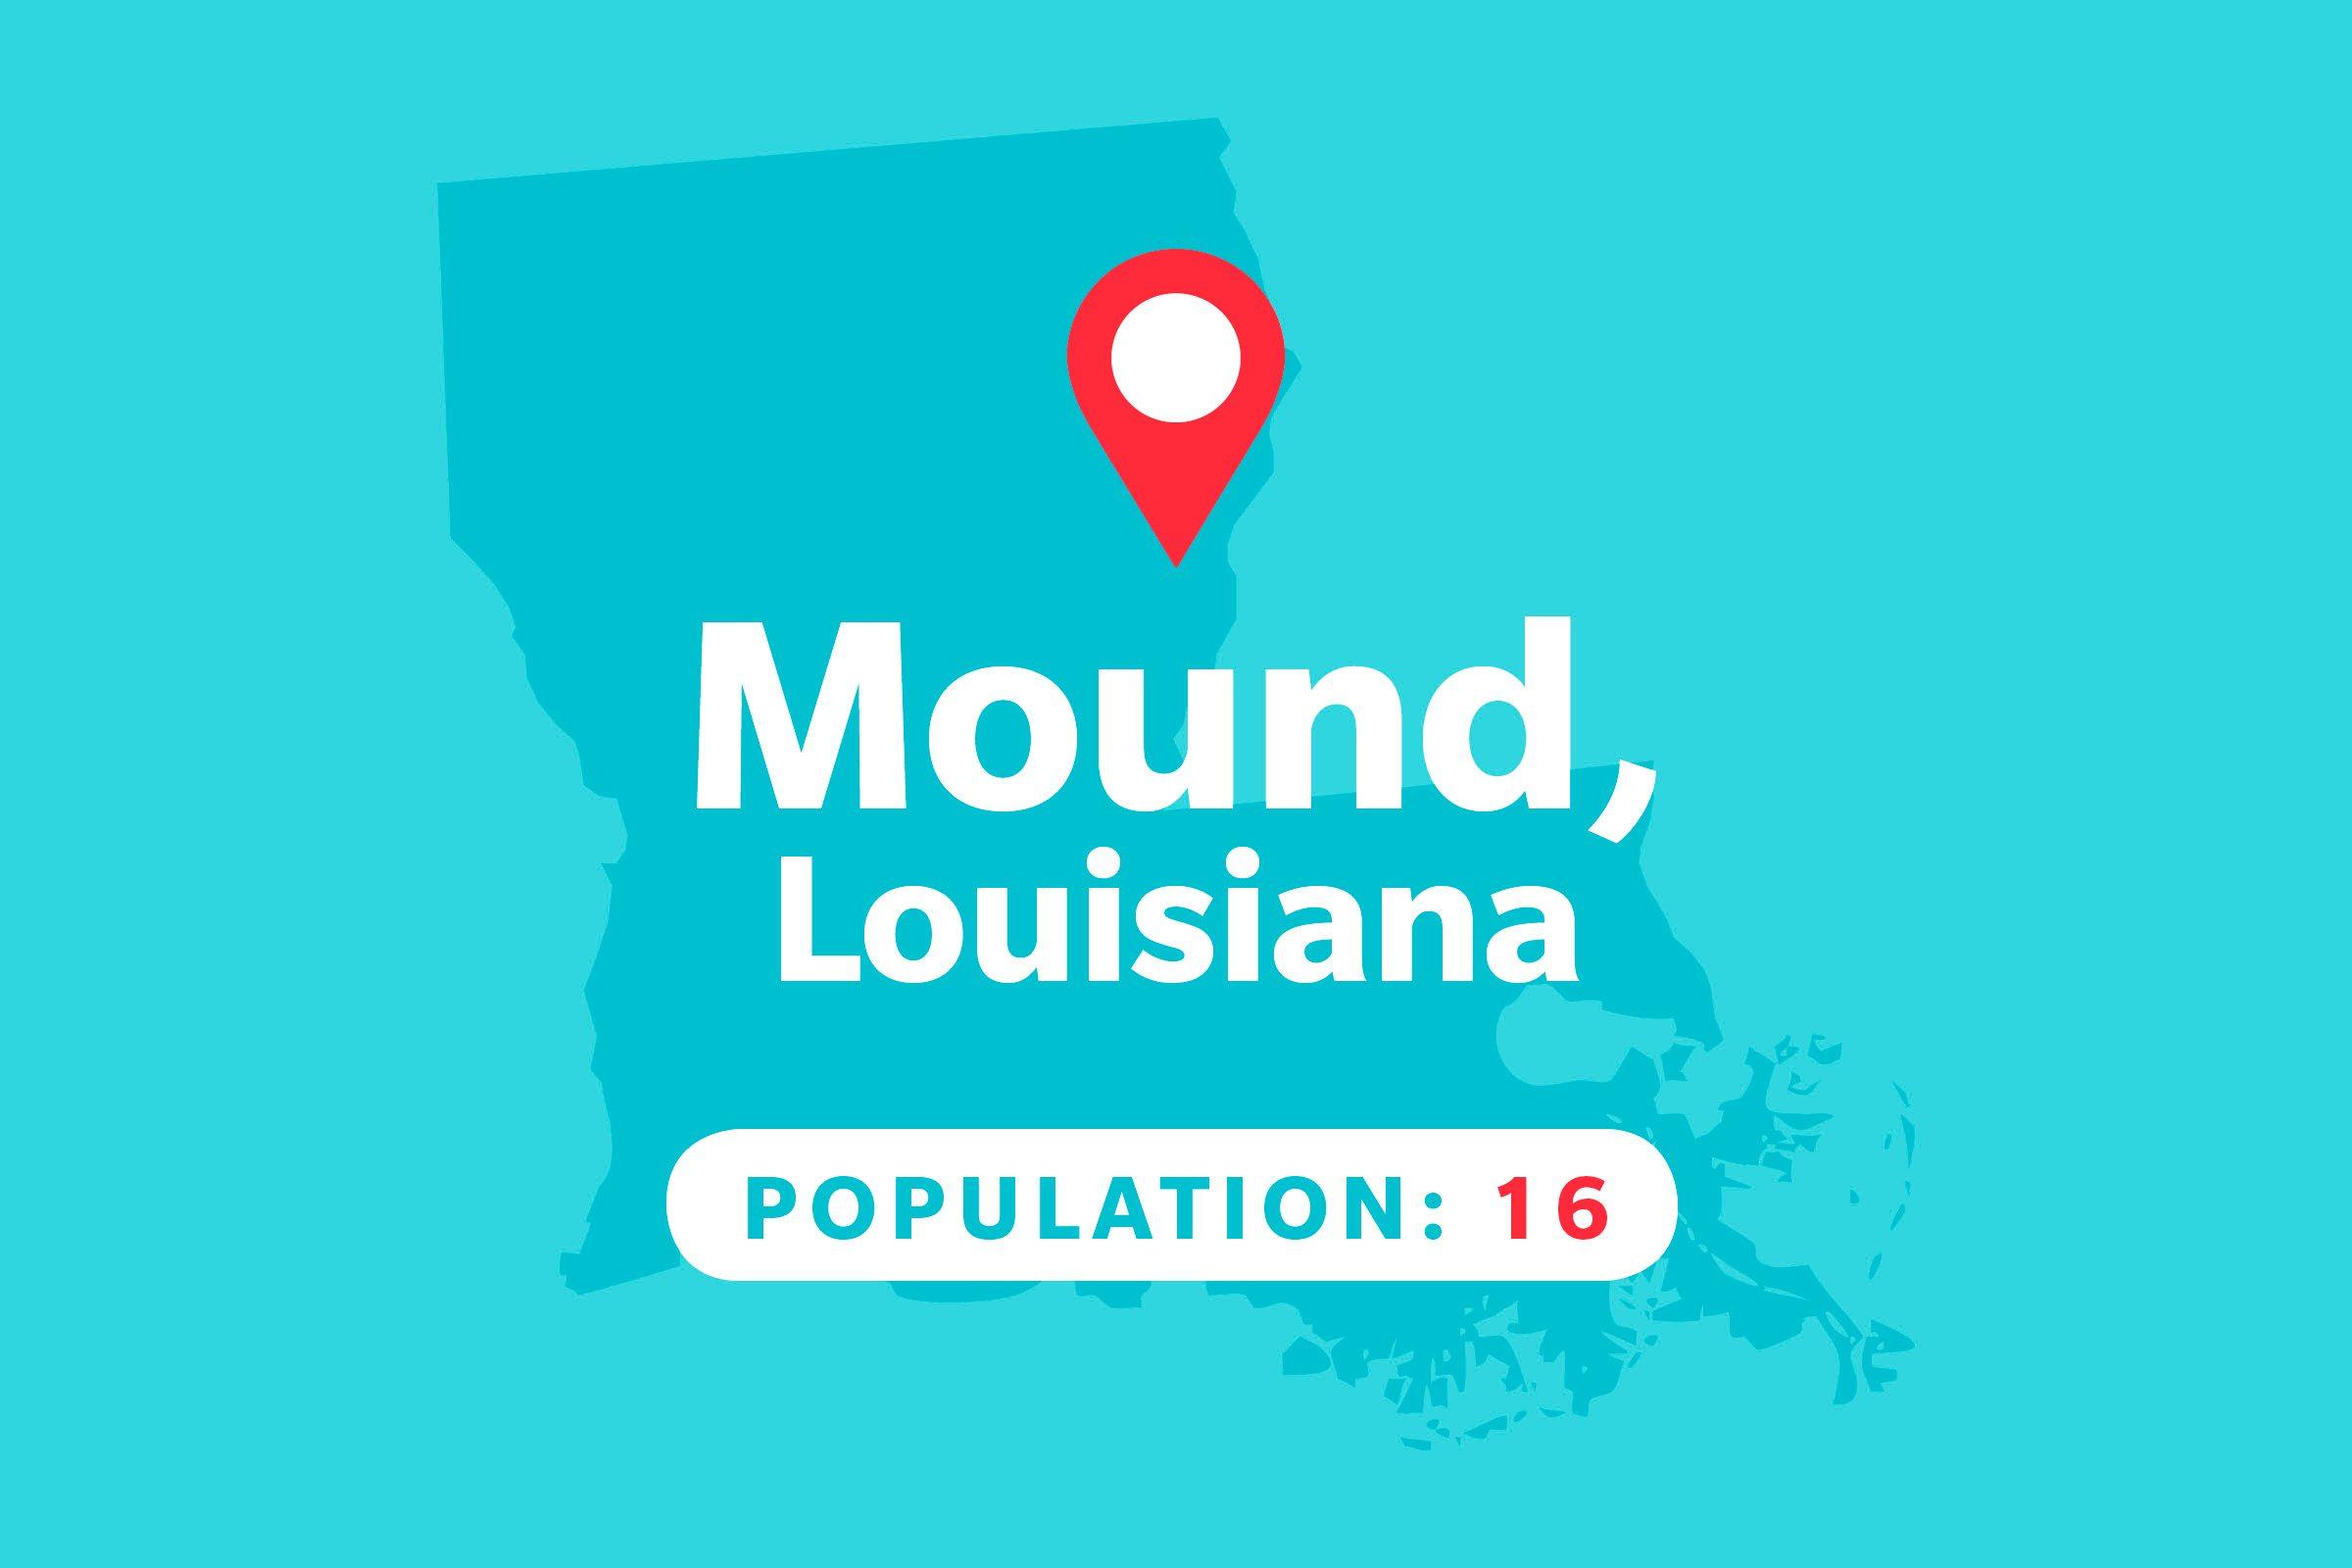 Mound, Louisiana